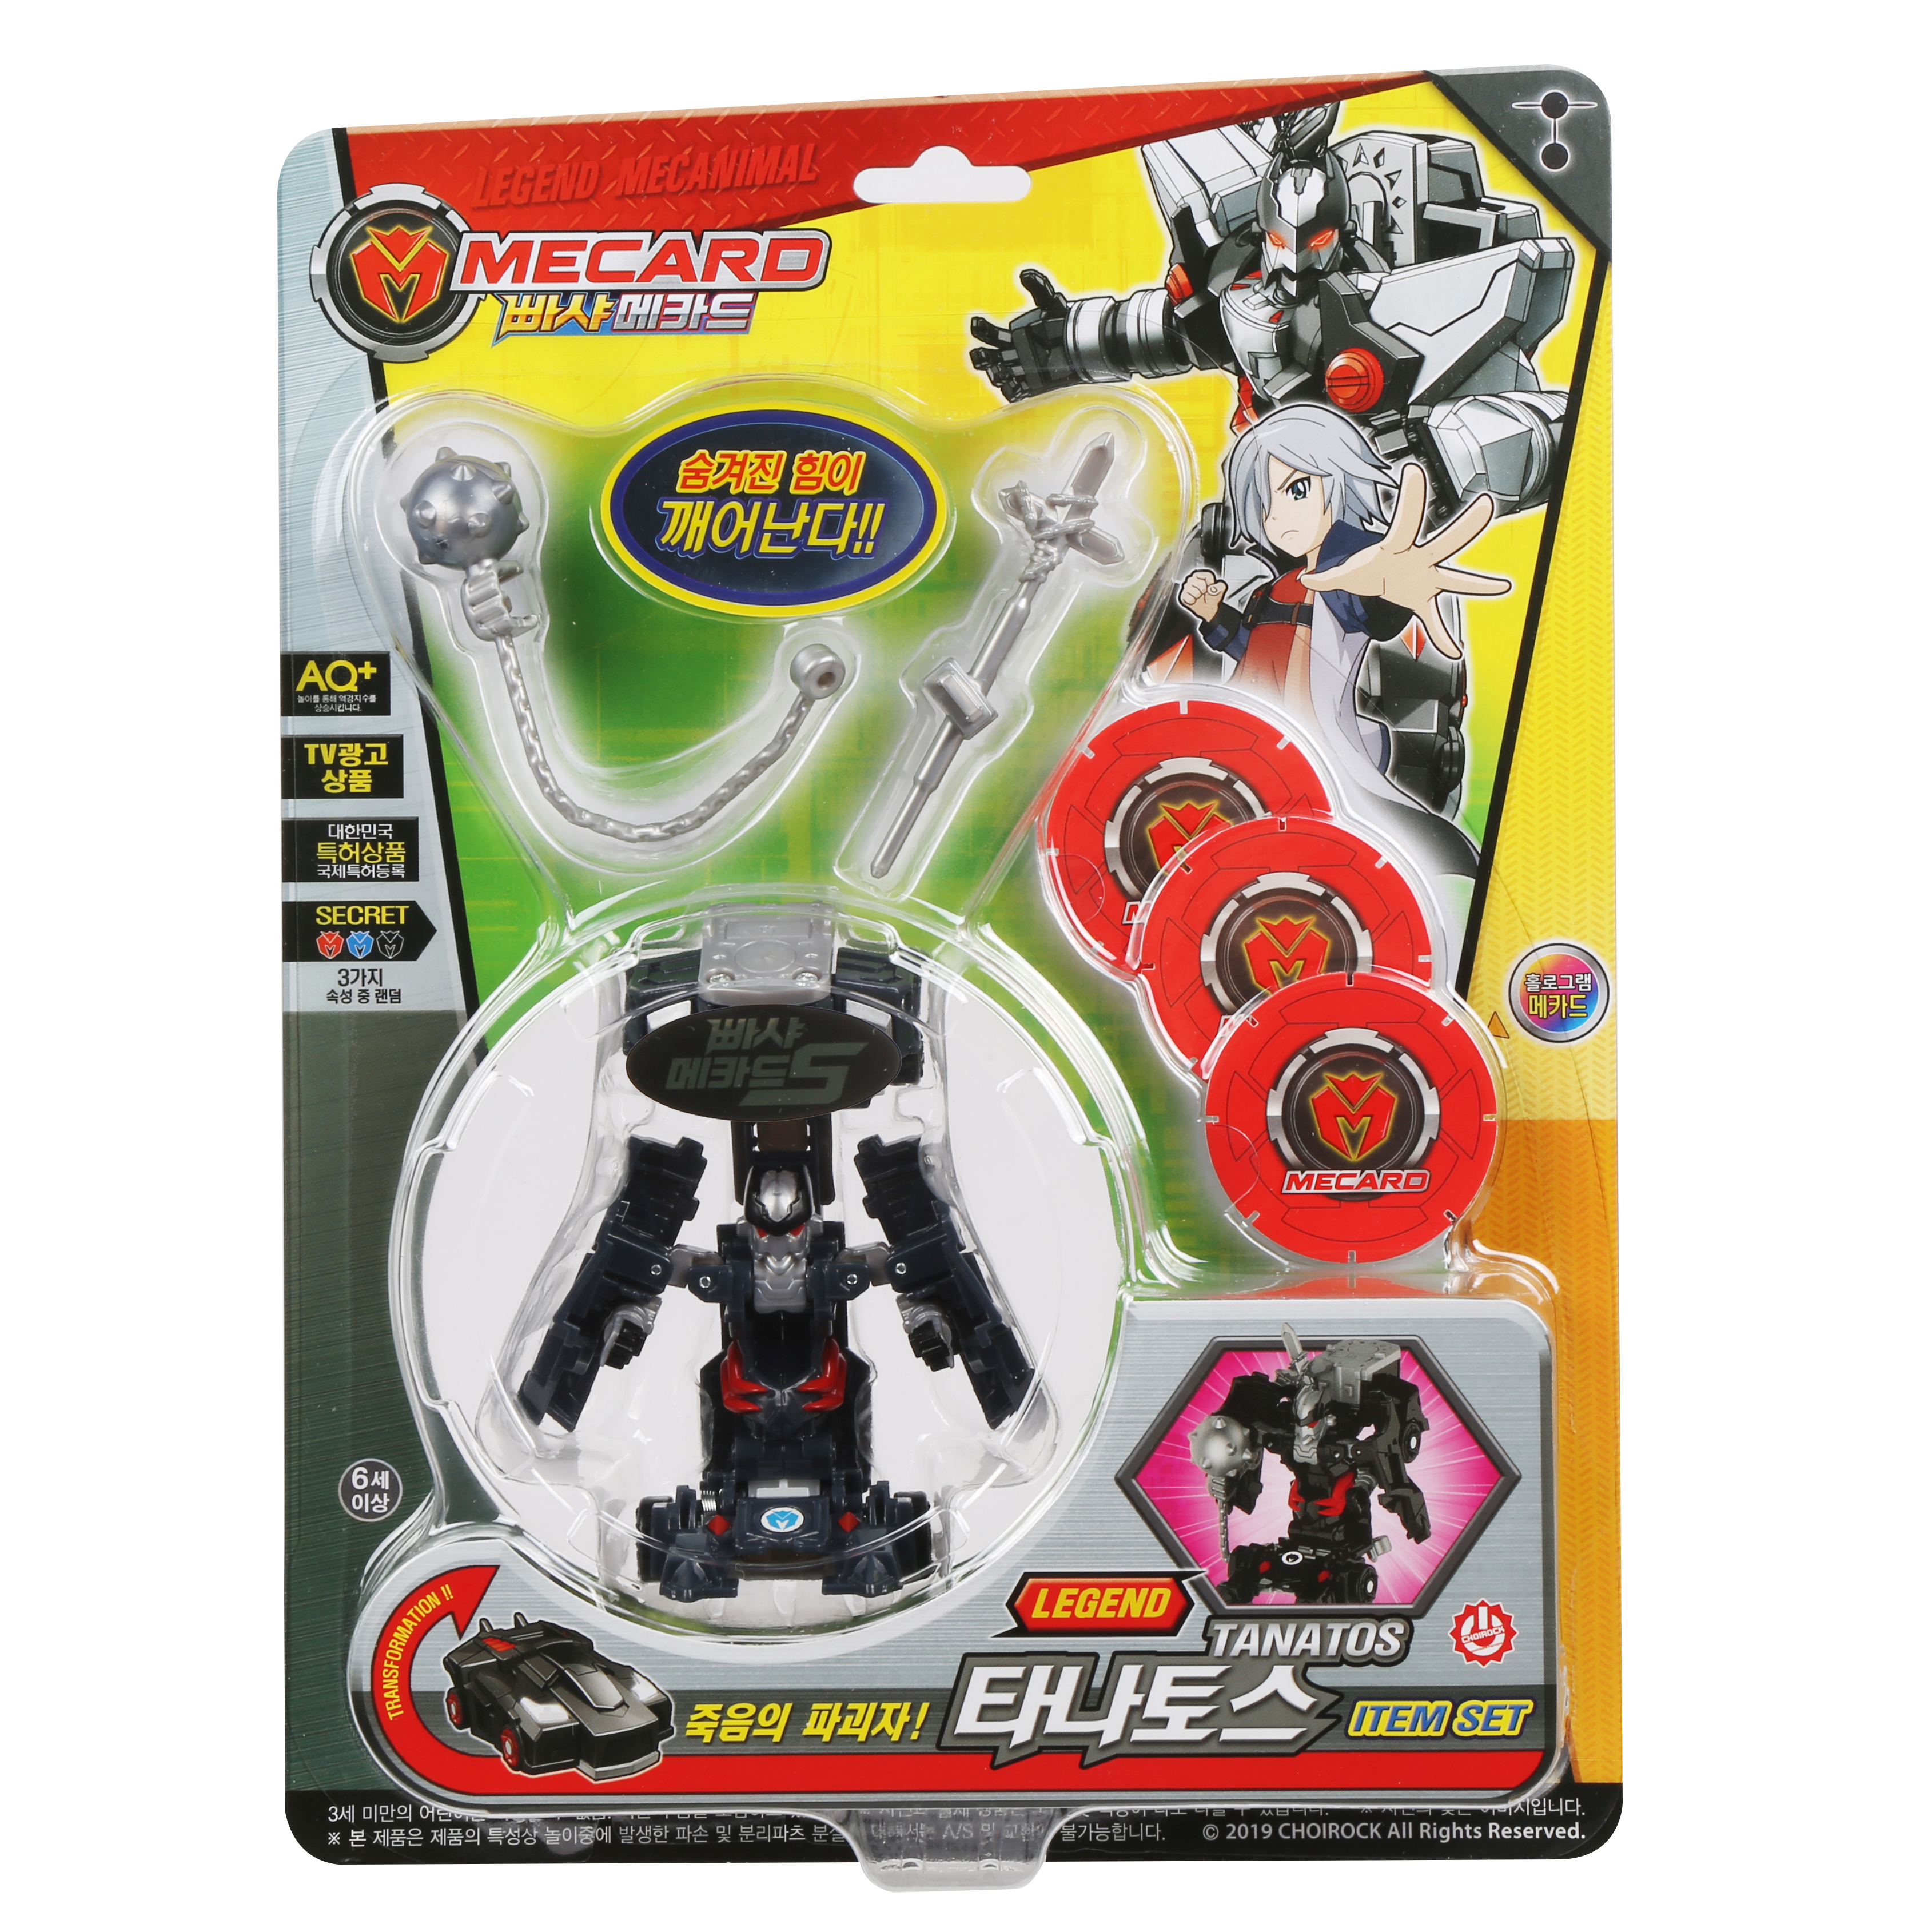 빠샤메카드 레전드타나토스 아이템세트 로봇장난감, 혼합 색상